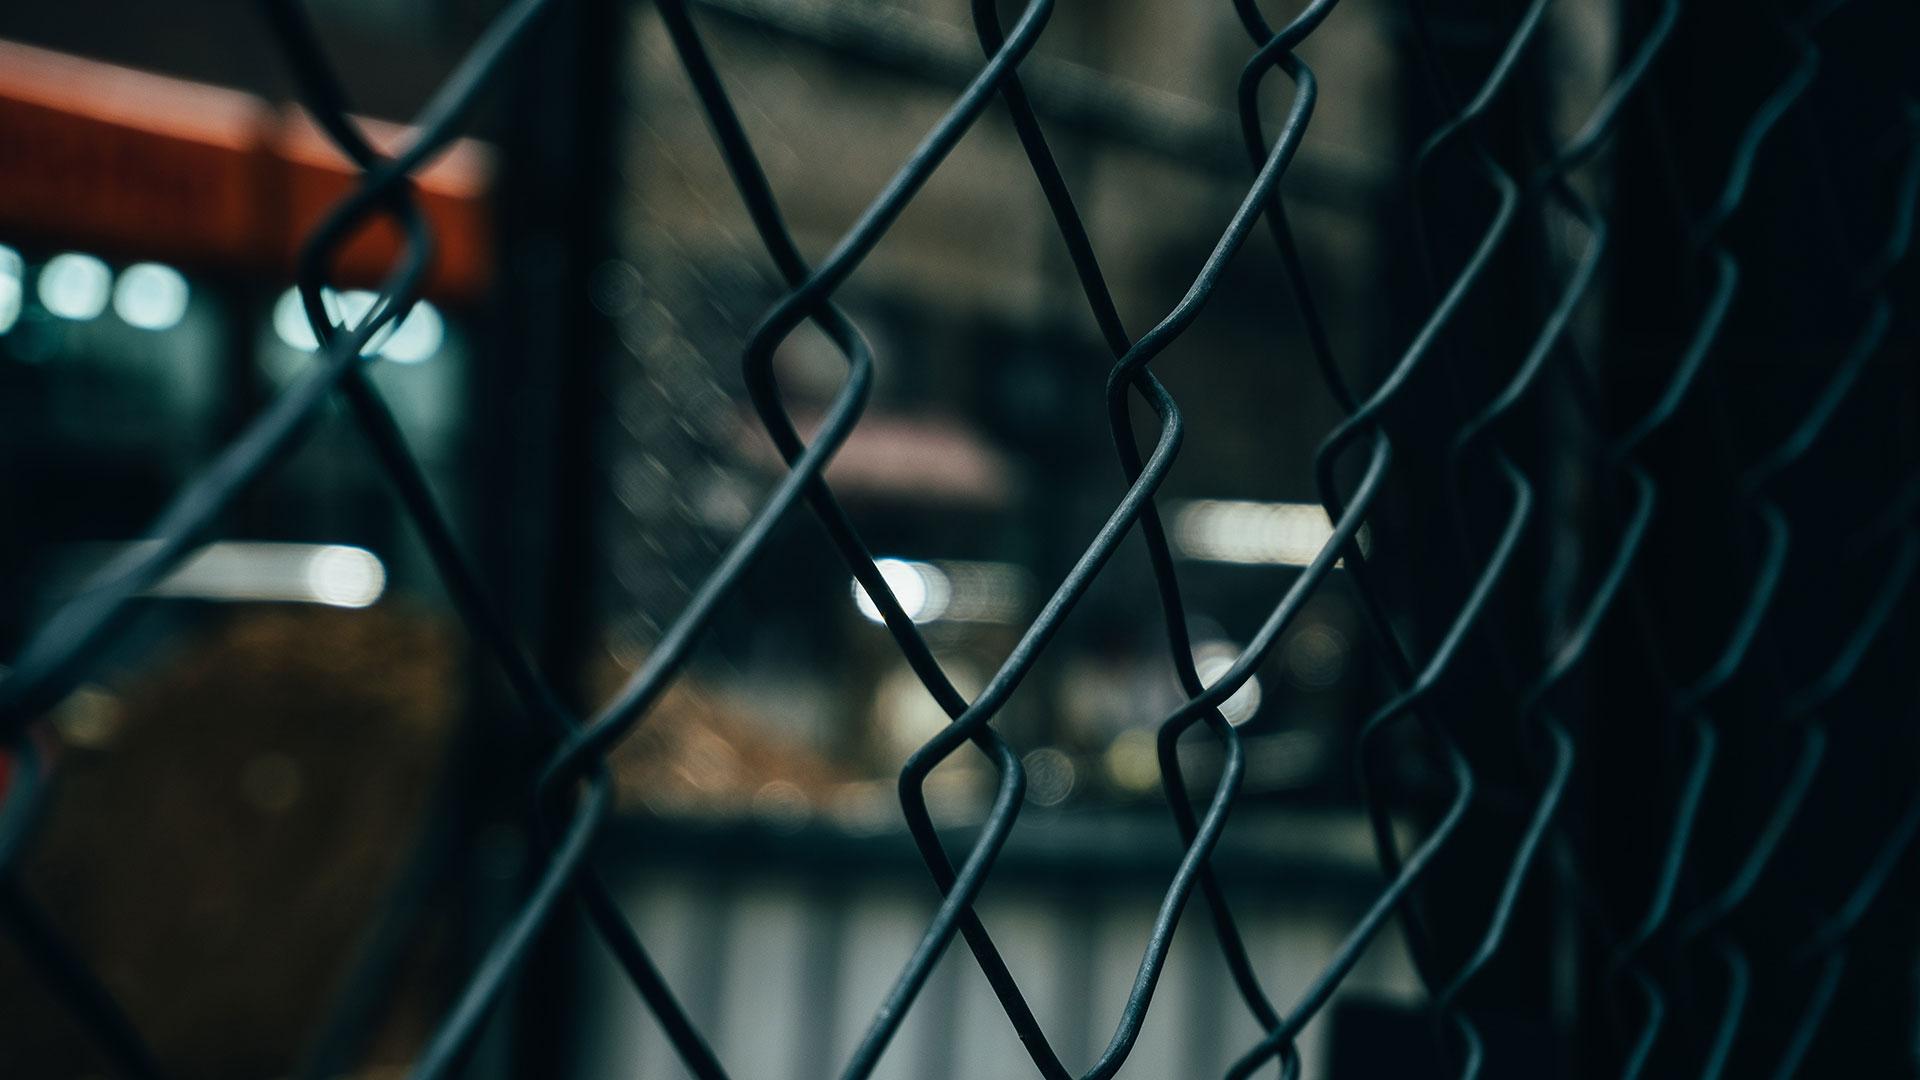 Ein Zaun sichert das Gelände einer Immobilie die das Deescalation Service Team GmbH bewacht